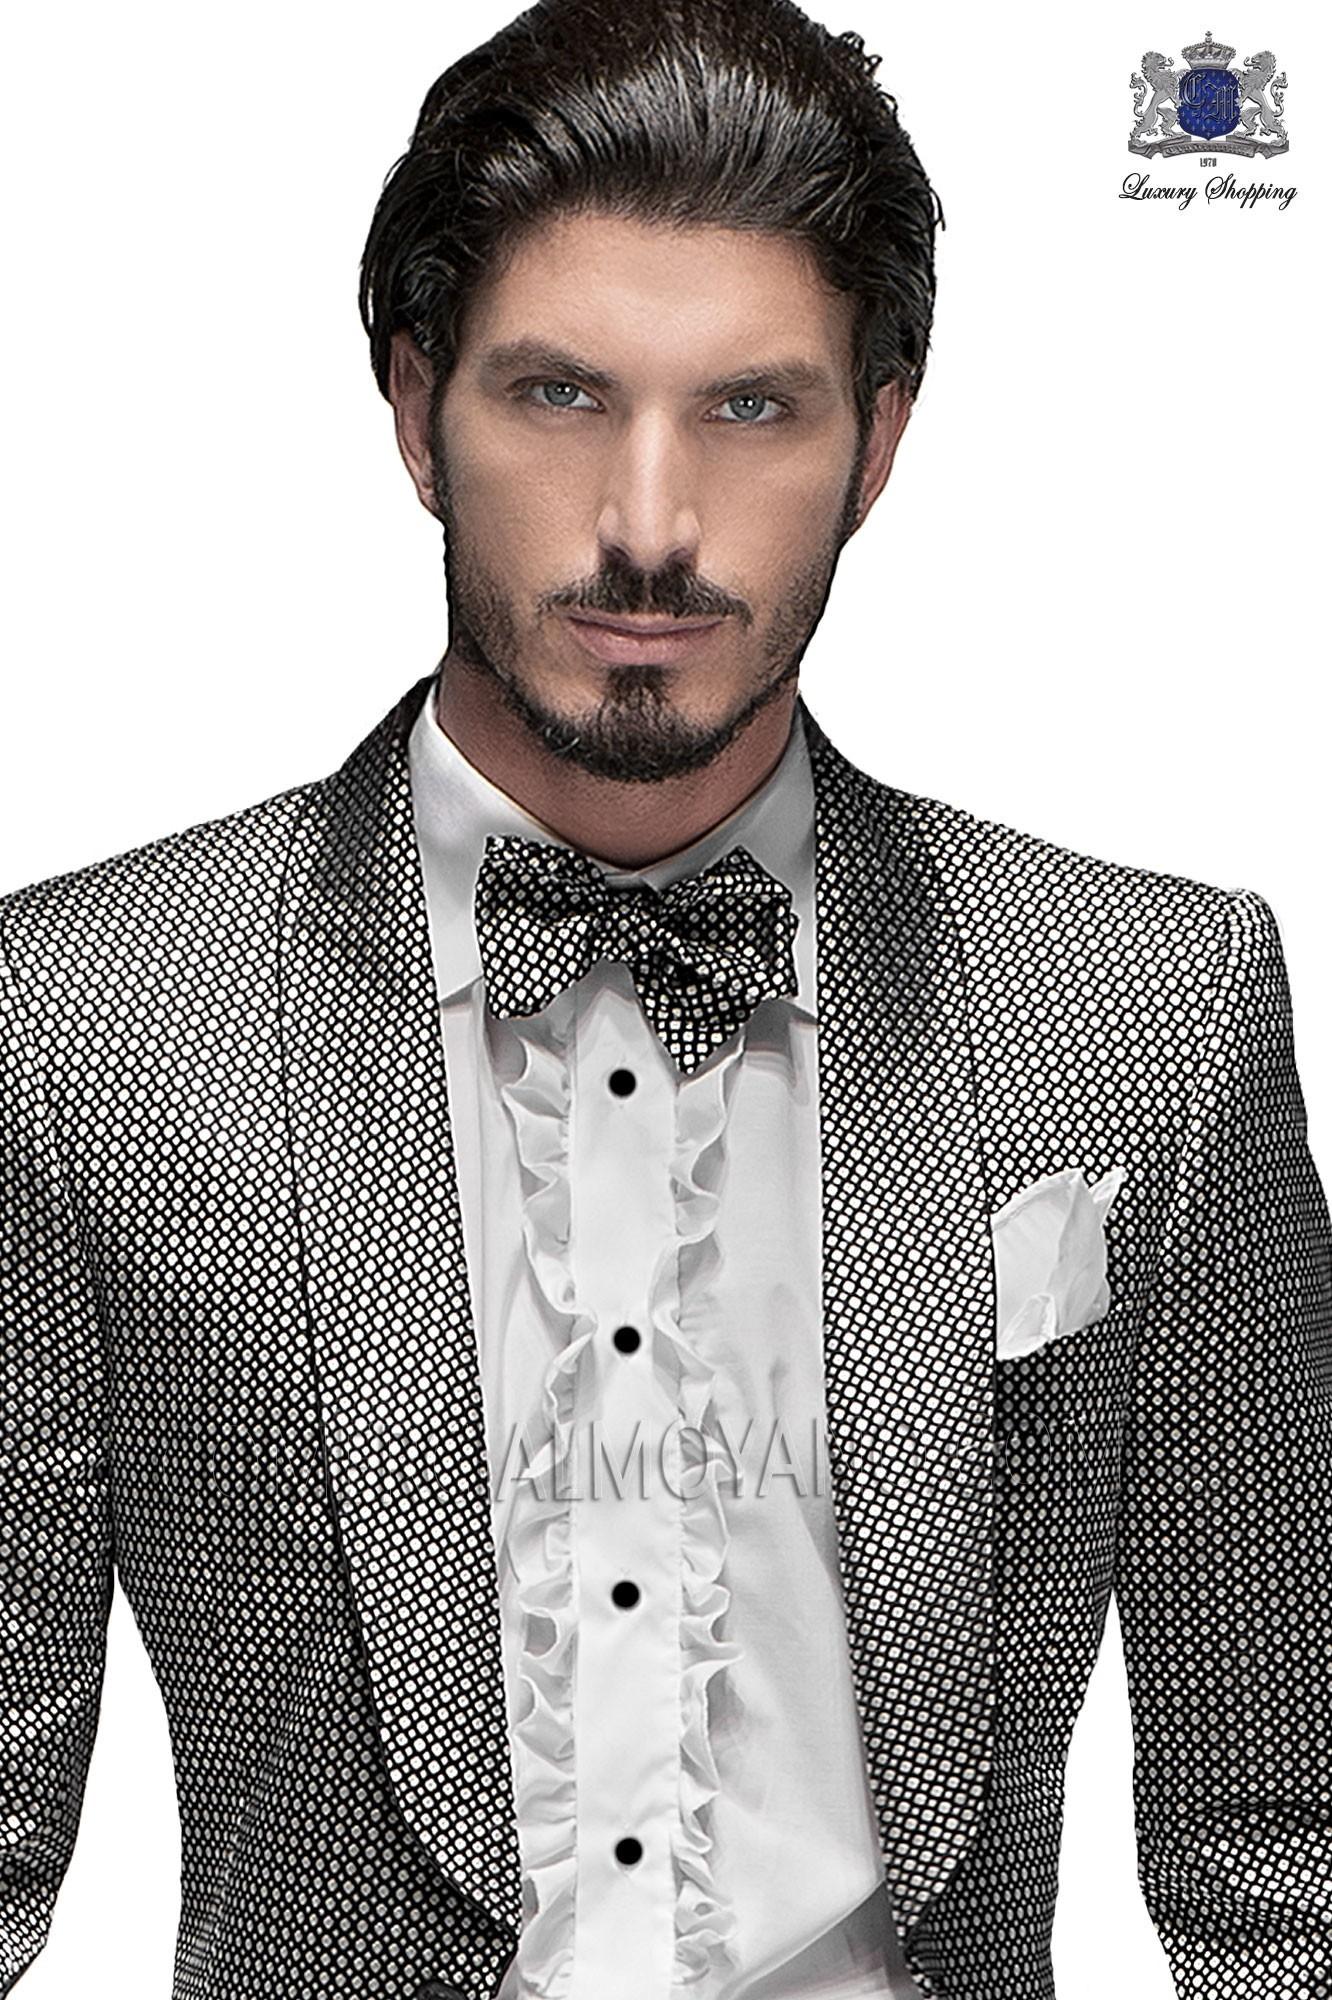 Traje Emotion de novio negro/plata modelo: 60963 Ottavio Nuccio Gala colección Emotion